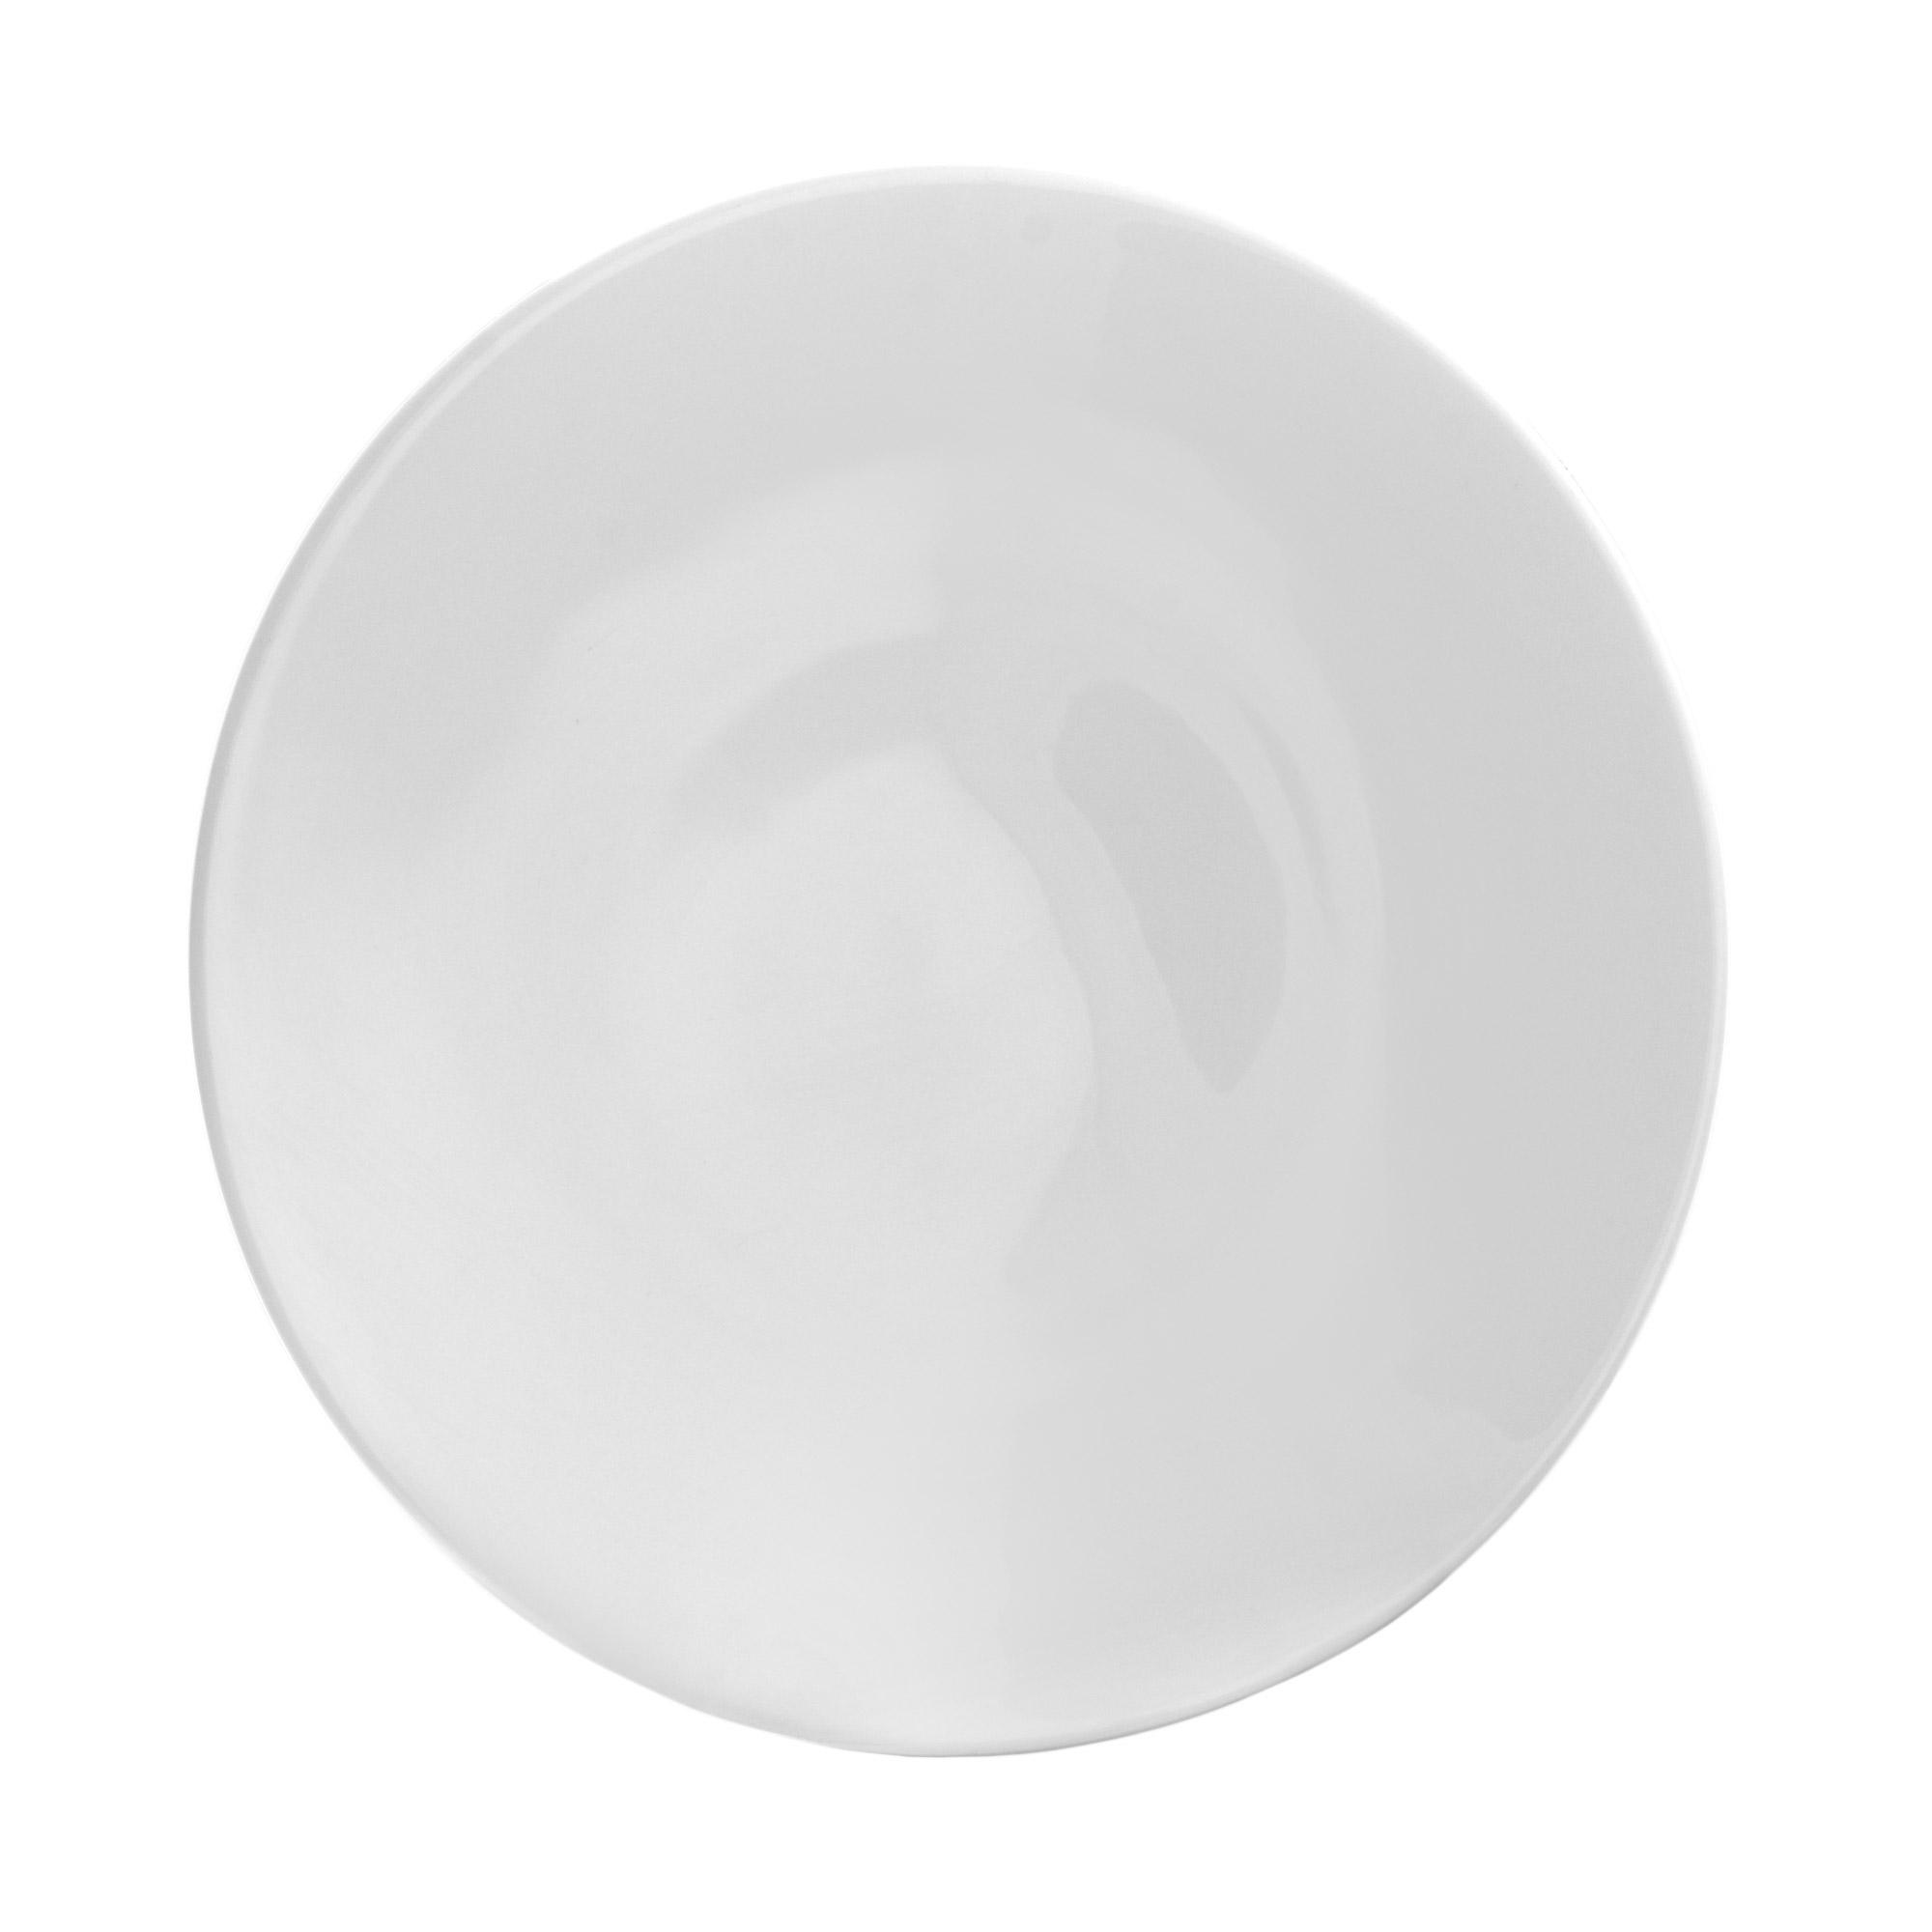 Тарелка закусочная Monno Синергия 19 см фото